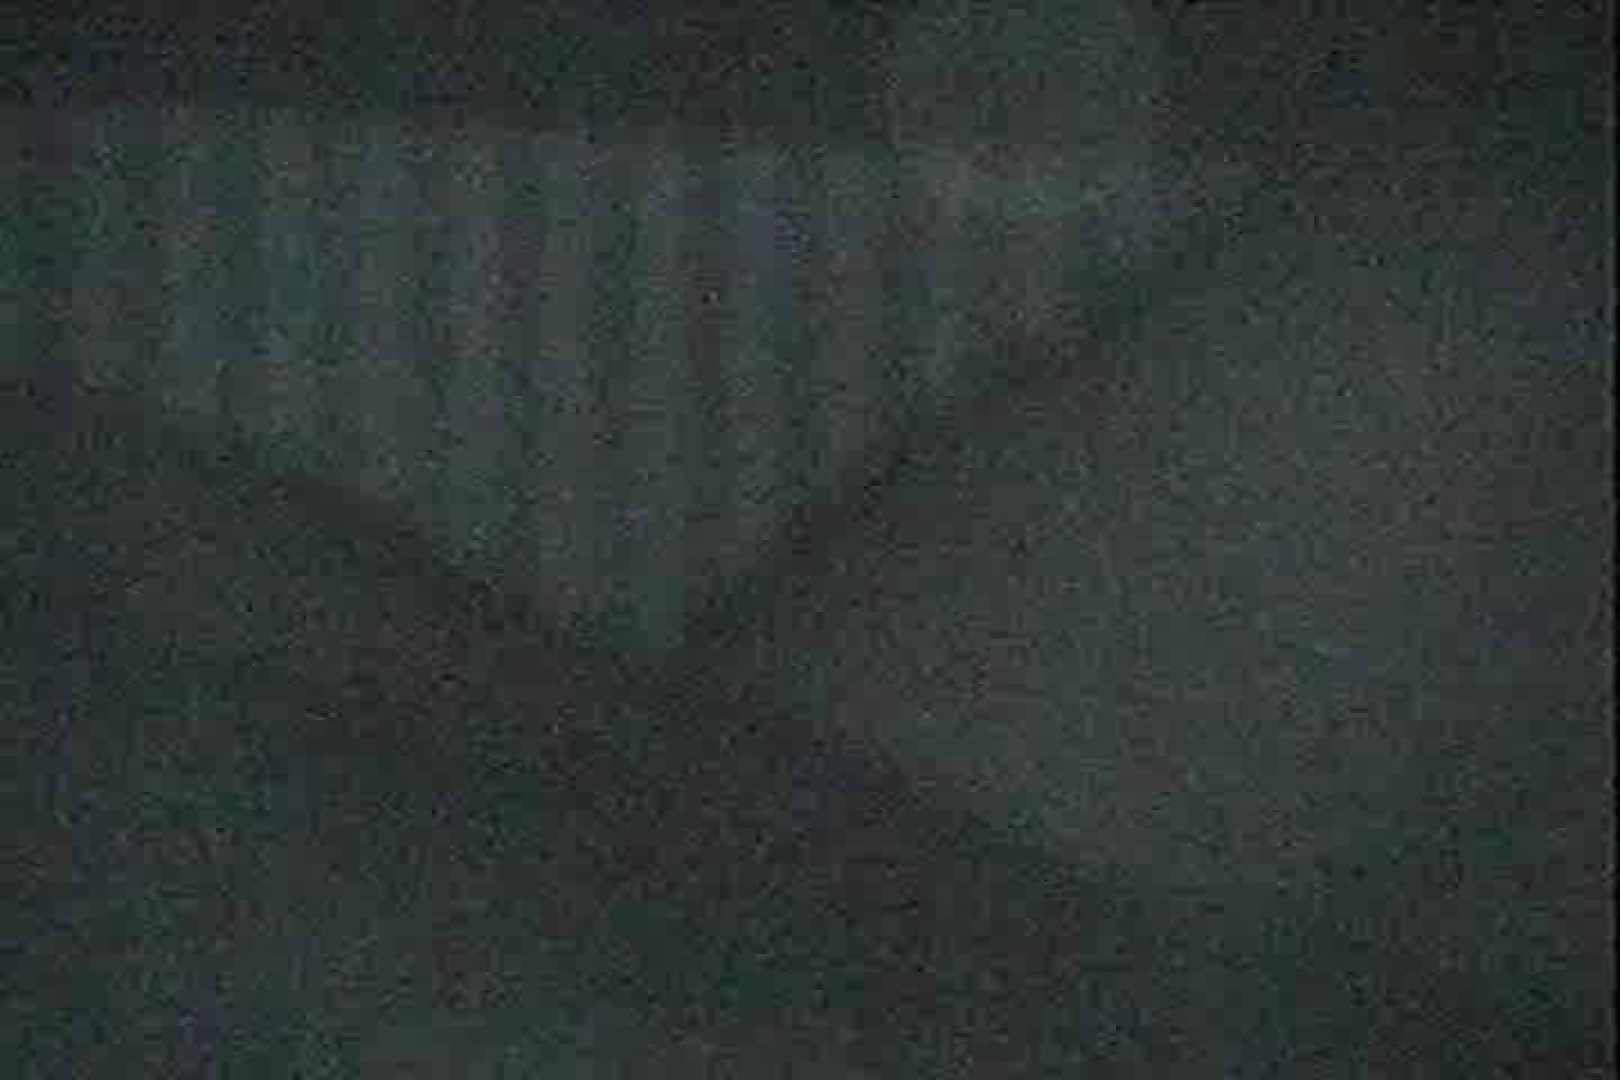 充血監督の深夜の運動会Vol.39 カップル | 美しいOLの裸体  89pic 37